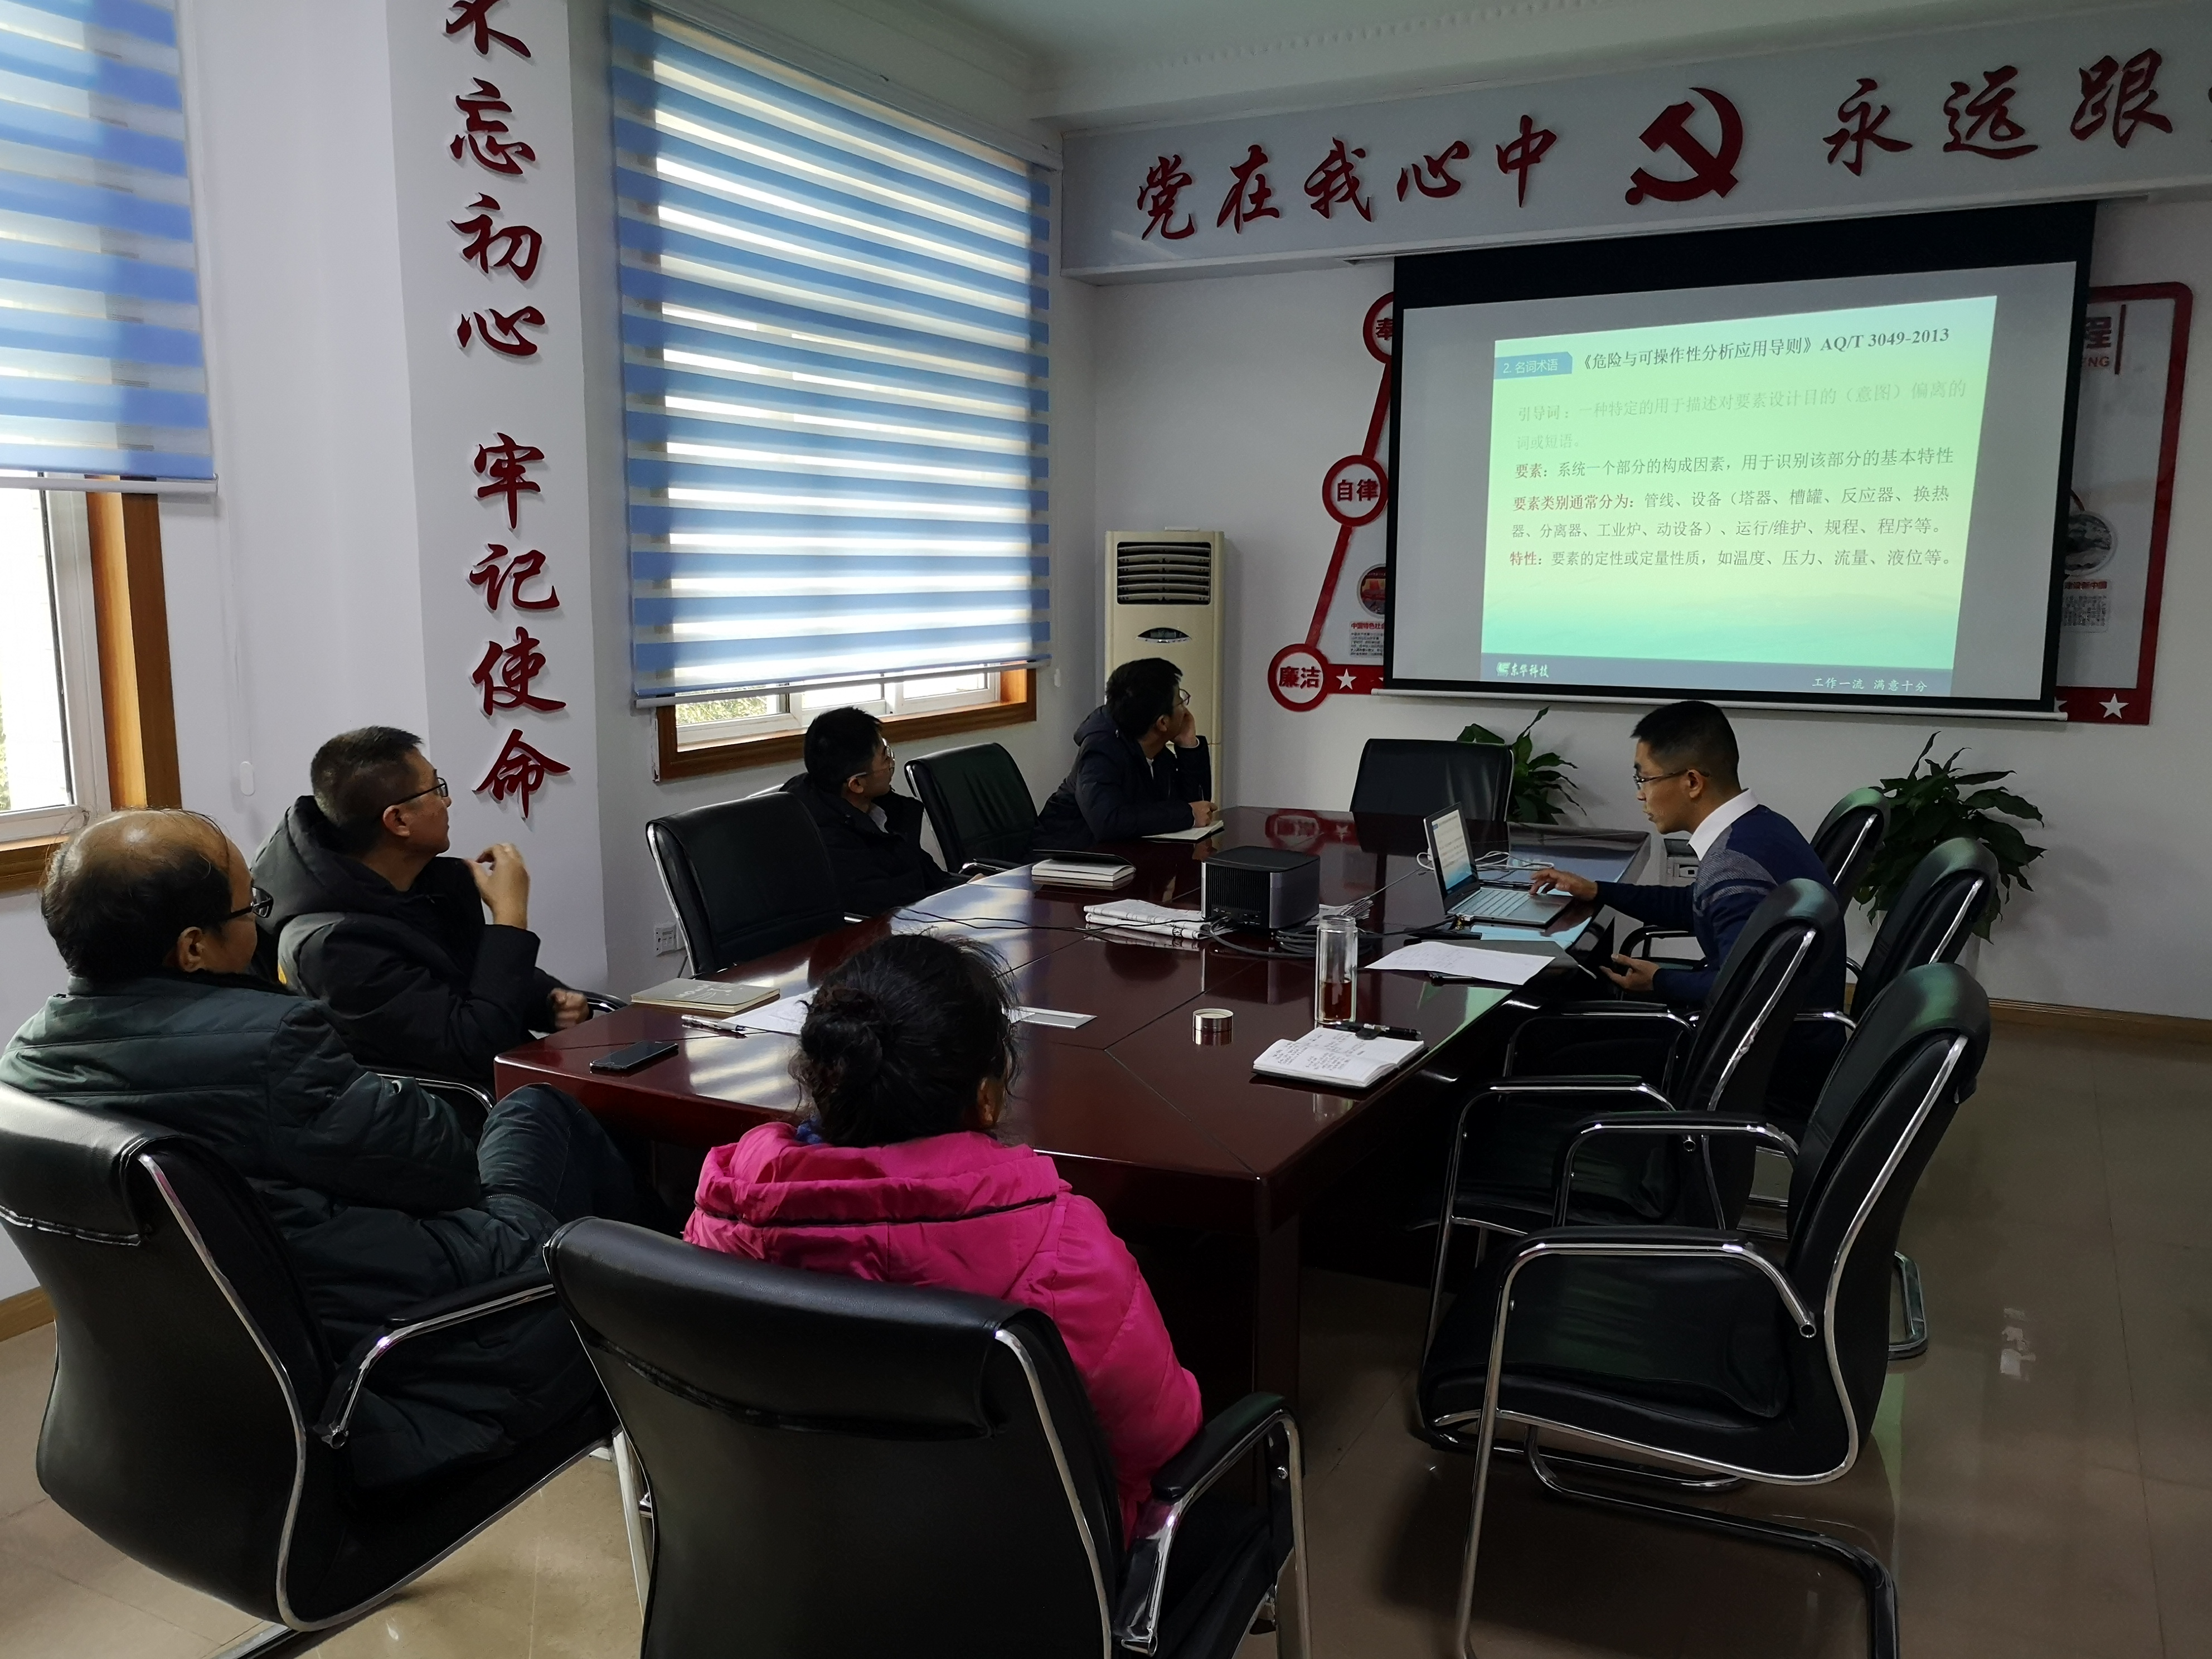 贵州万博manbetx下载水晶宫电控室召开HAZOP分析宣讲会